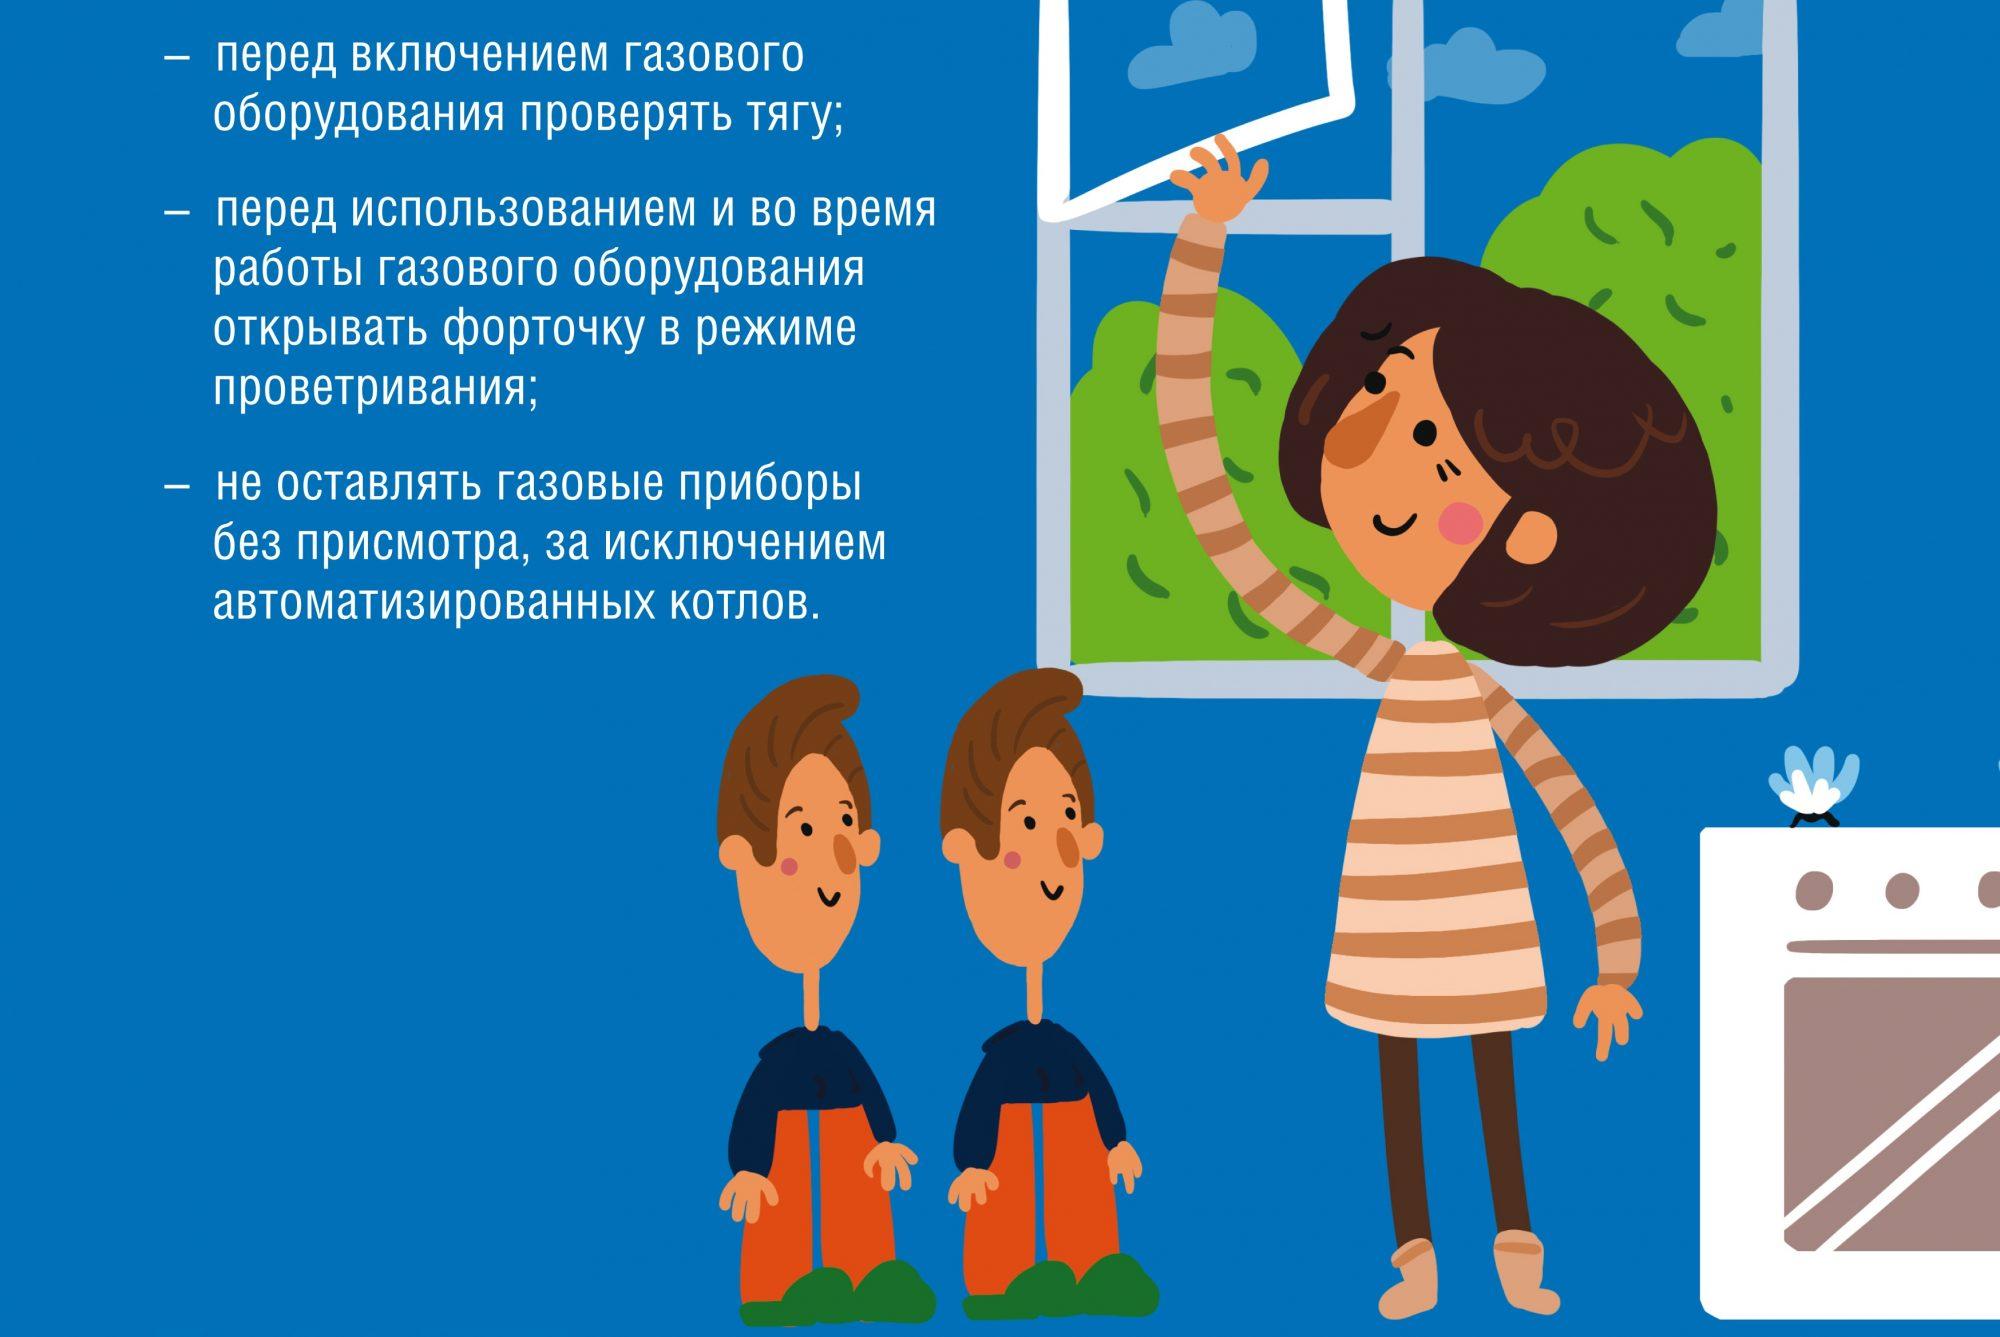 Листовки_А5_Саратогаз 6